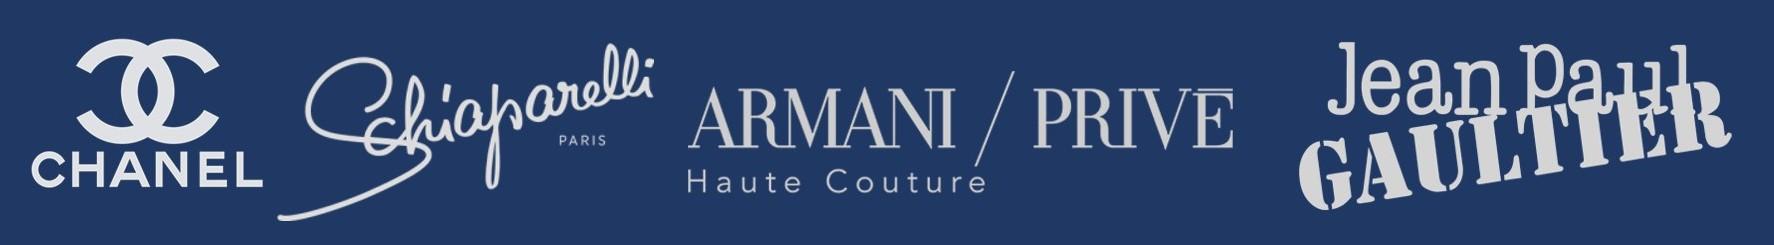 Paris Haute Couture BANNER.jpg